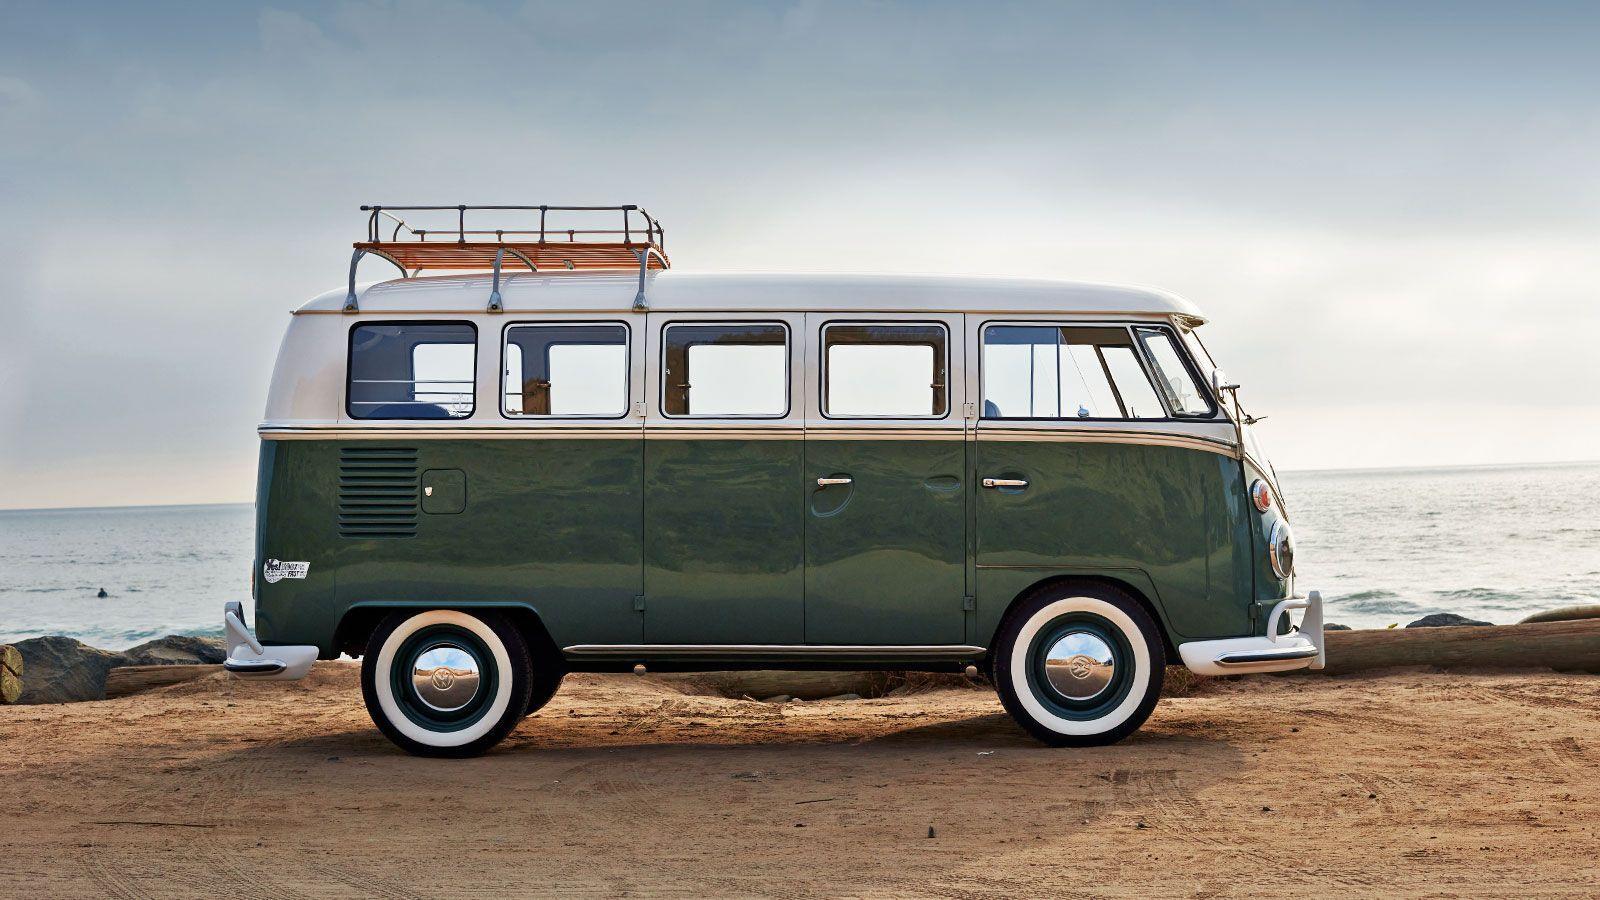 Мікроавтобус здатний долати приблизно 145 км із максимальною швидкістю 160 км/год.